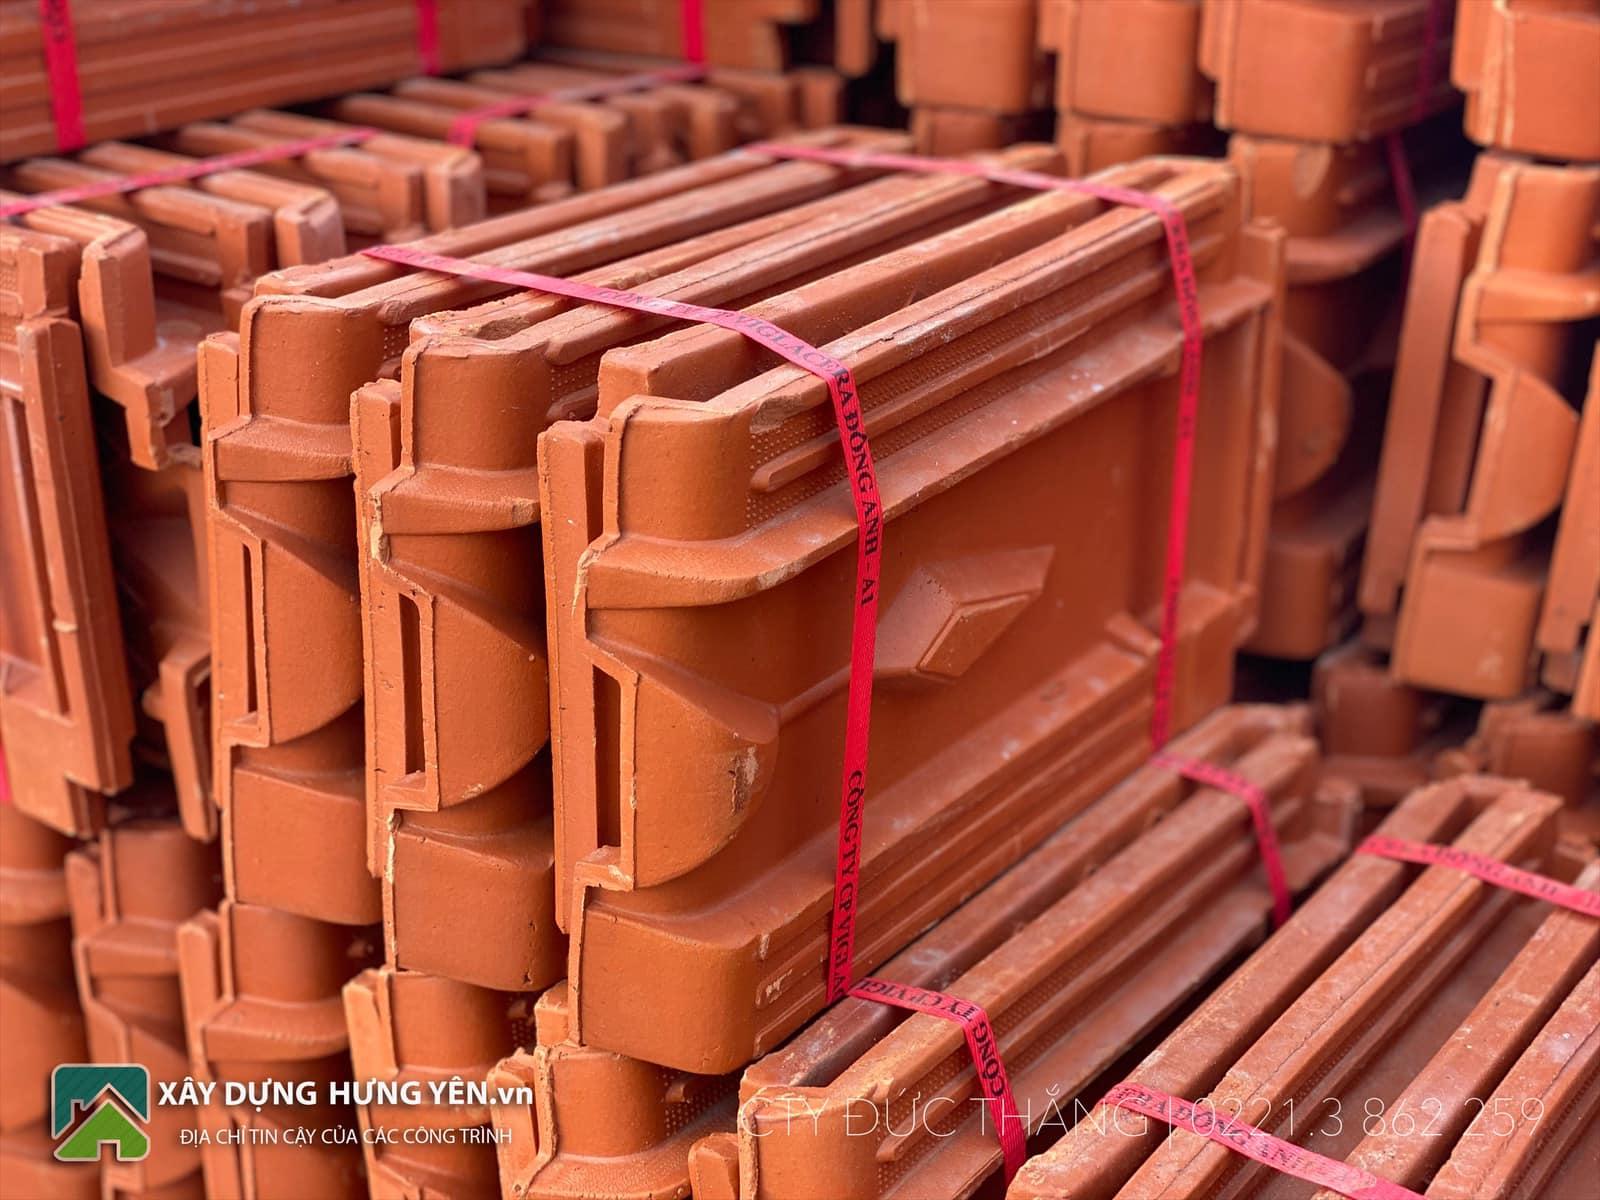 4400v ngói lợp 22v/m Viglacera Đông Anh đến công trình tại thị xã Mỹ Hào - Hưng Yên